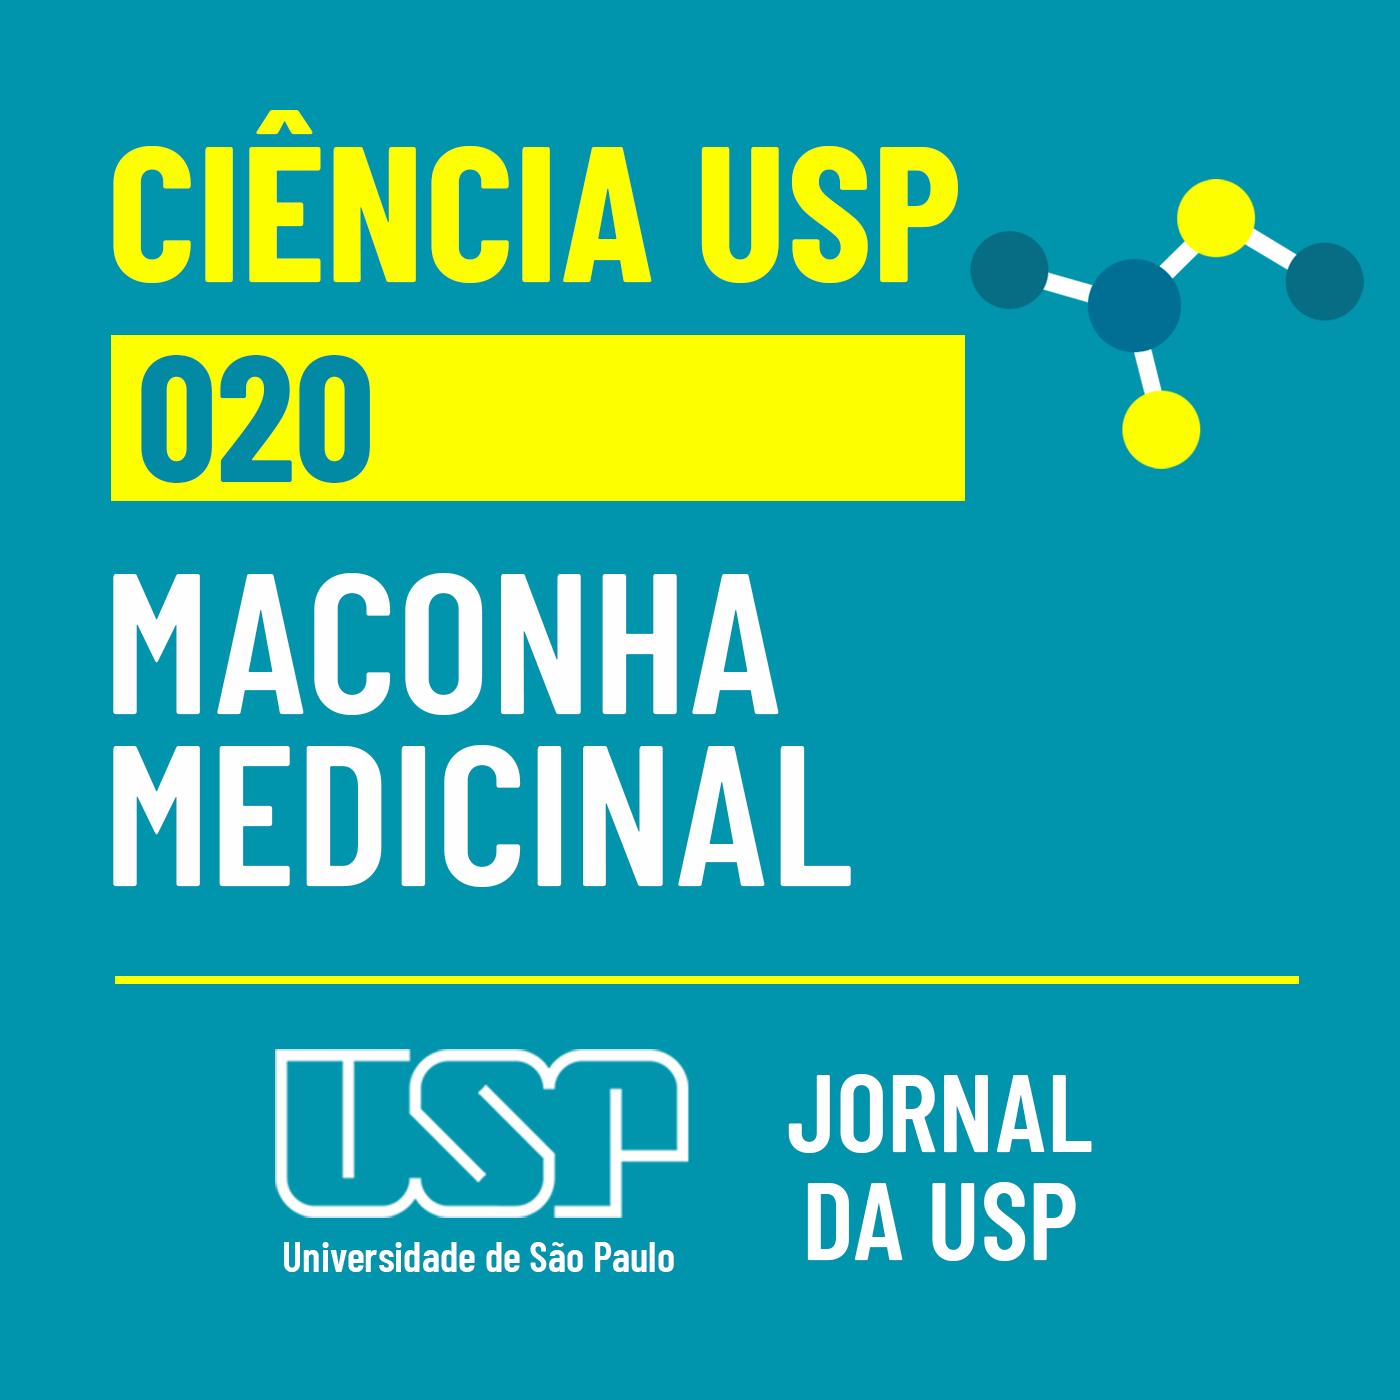 Ciência USP #20: O que dizem mães e cientistas sobre a maconha medicinal?